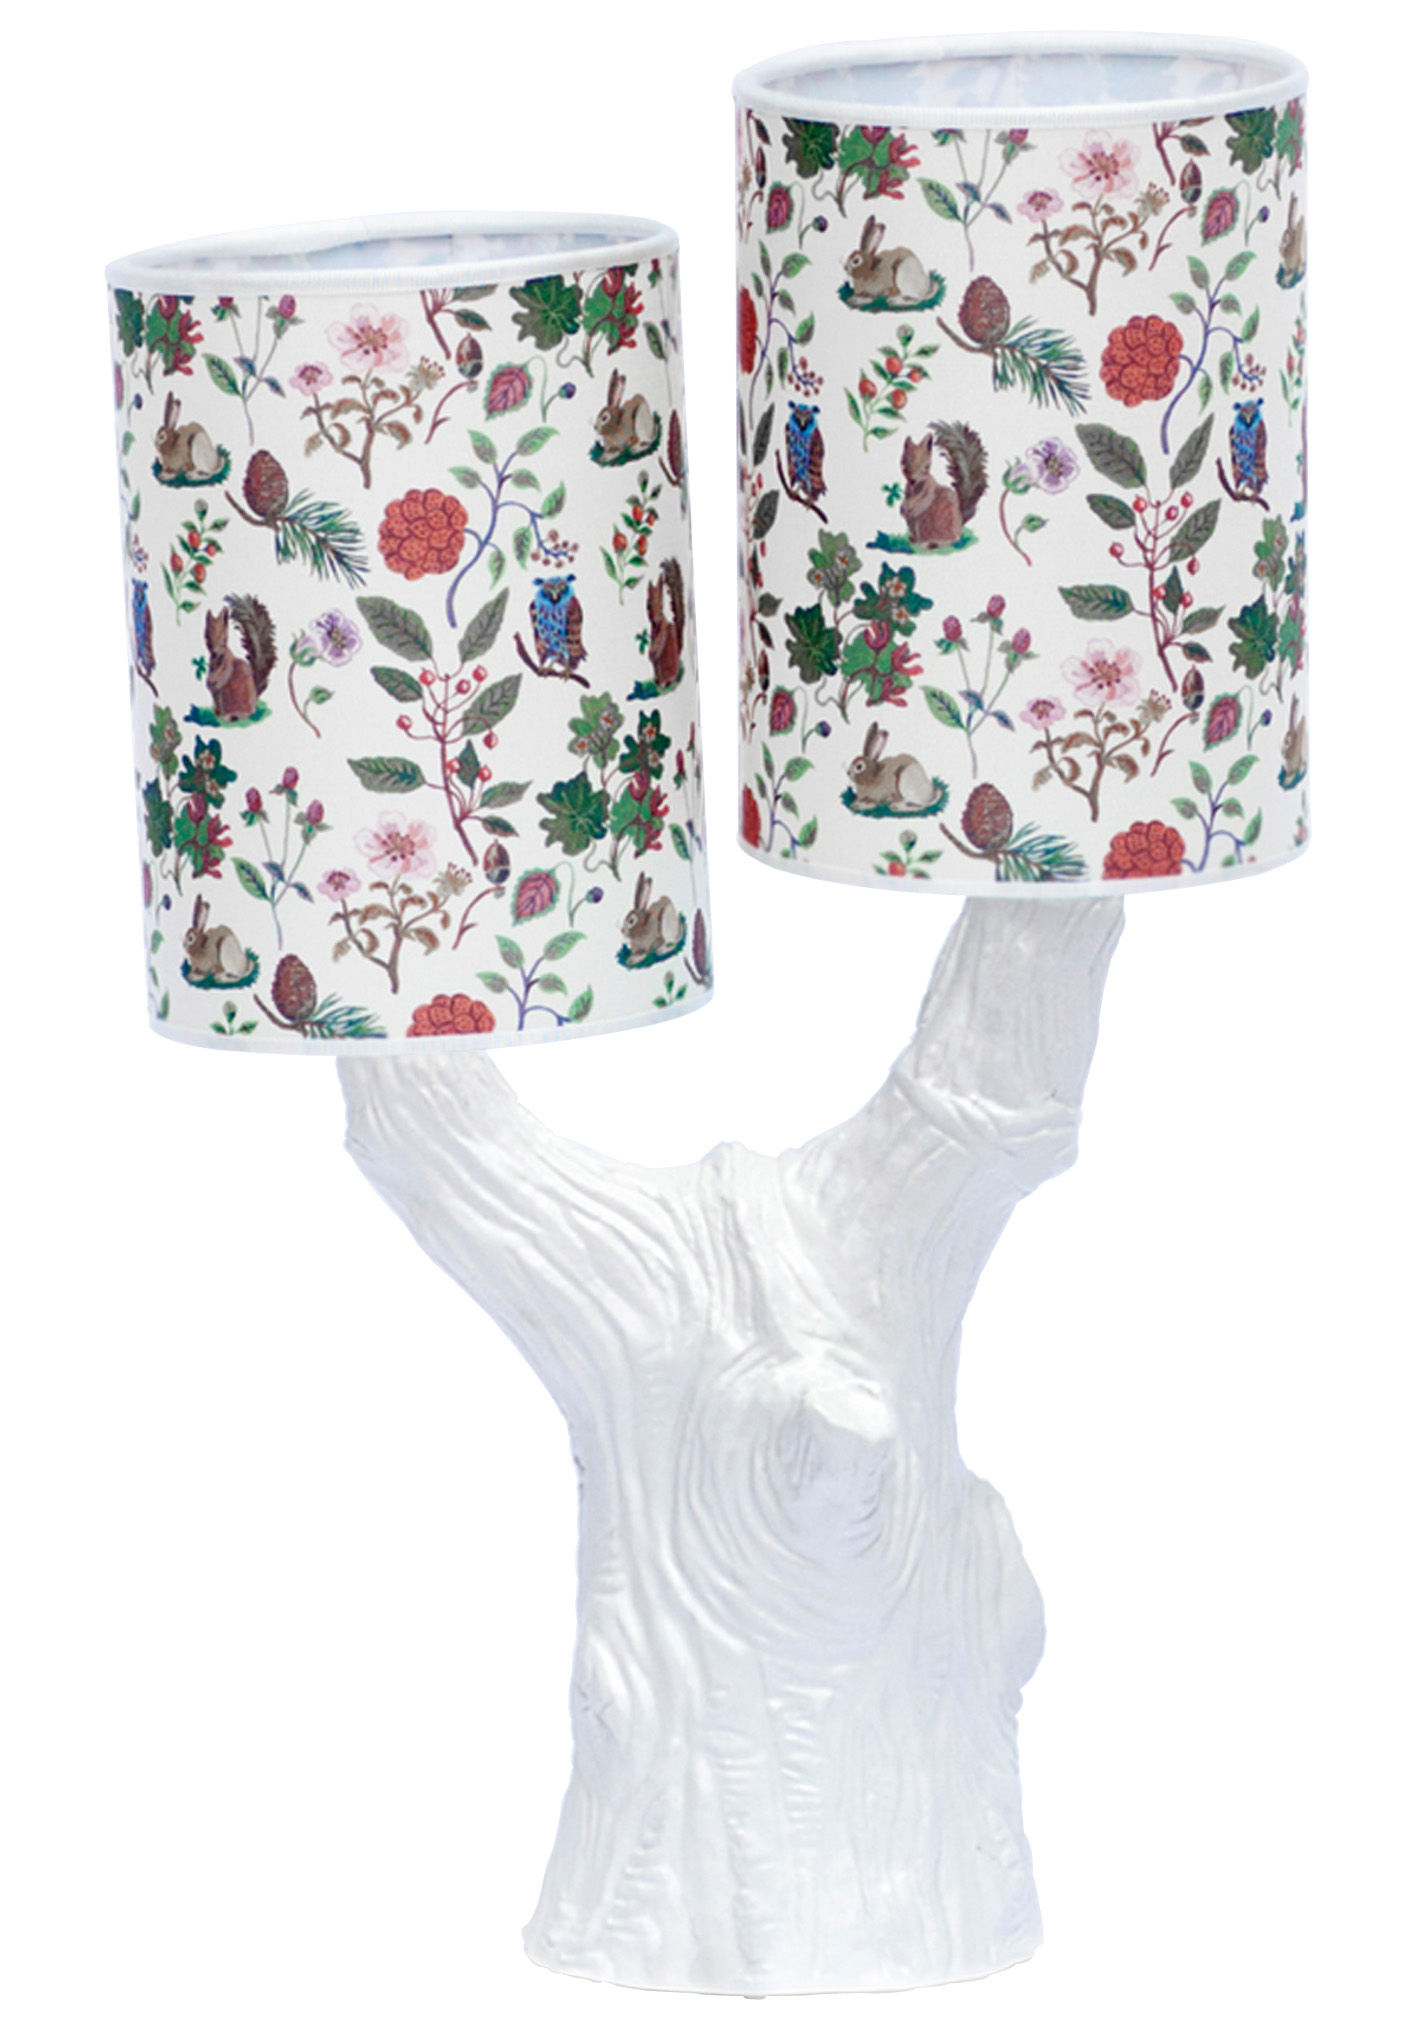 Luminaire - Lampes de table - Lampe Y&M /Avec 2 abat-jour - Domestic - Arbre blanc / 2 abat-jour motifs Automne - Coton sérigraphié, Terre cuite émaillée